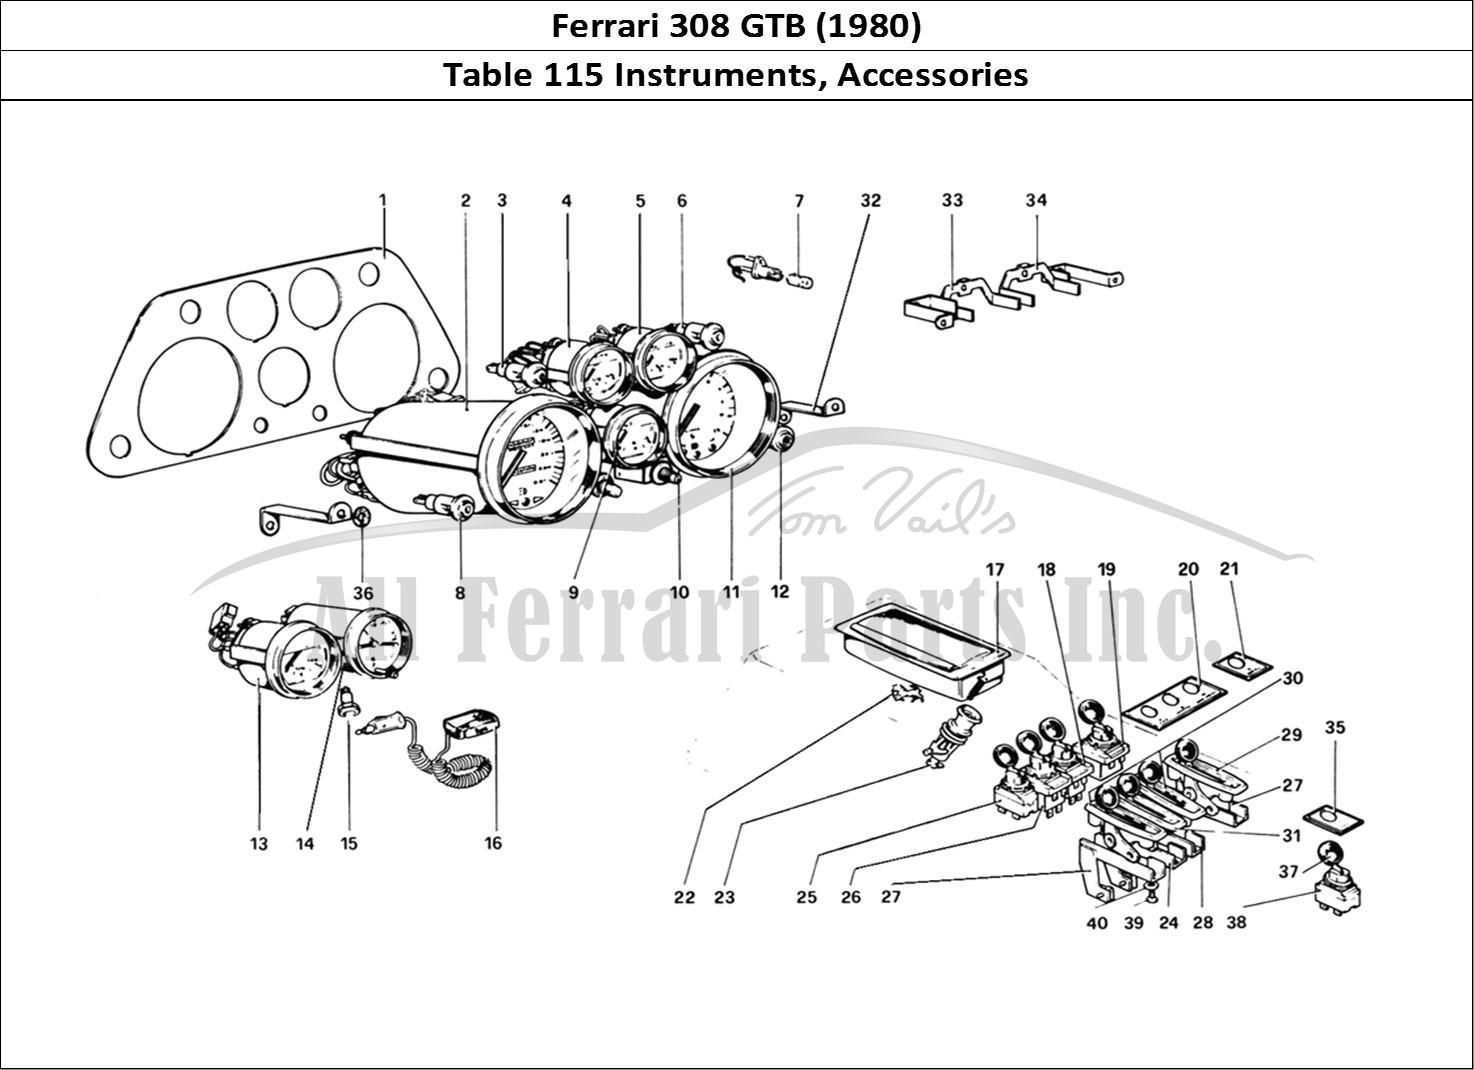 Buy original Ferrari 308 GTB (1980) 115 Instruments